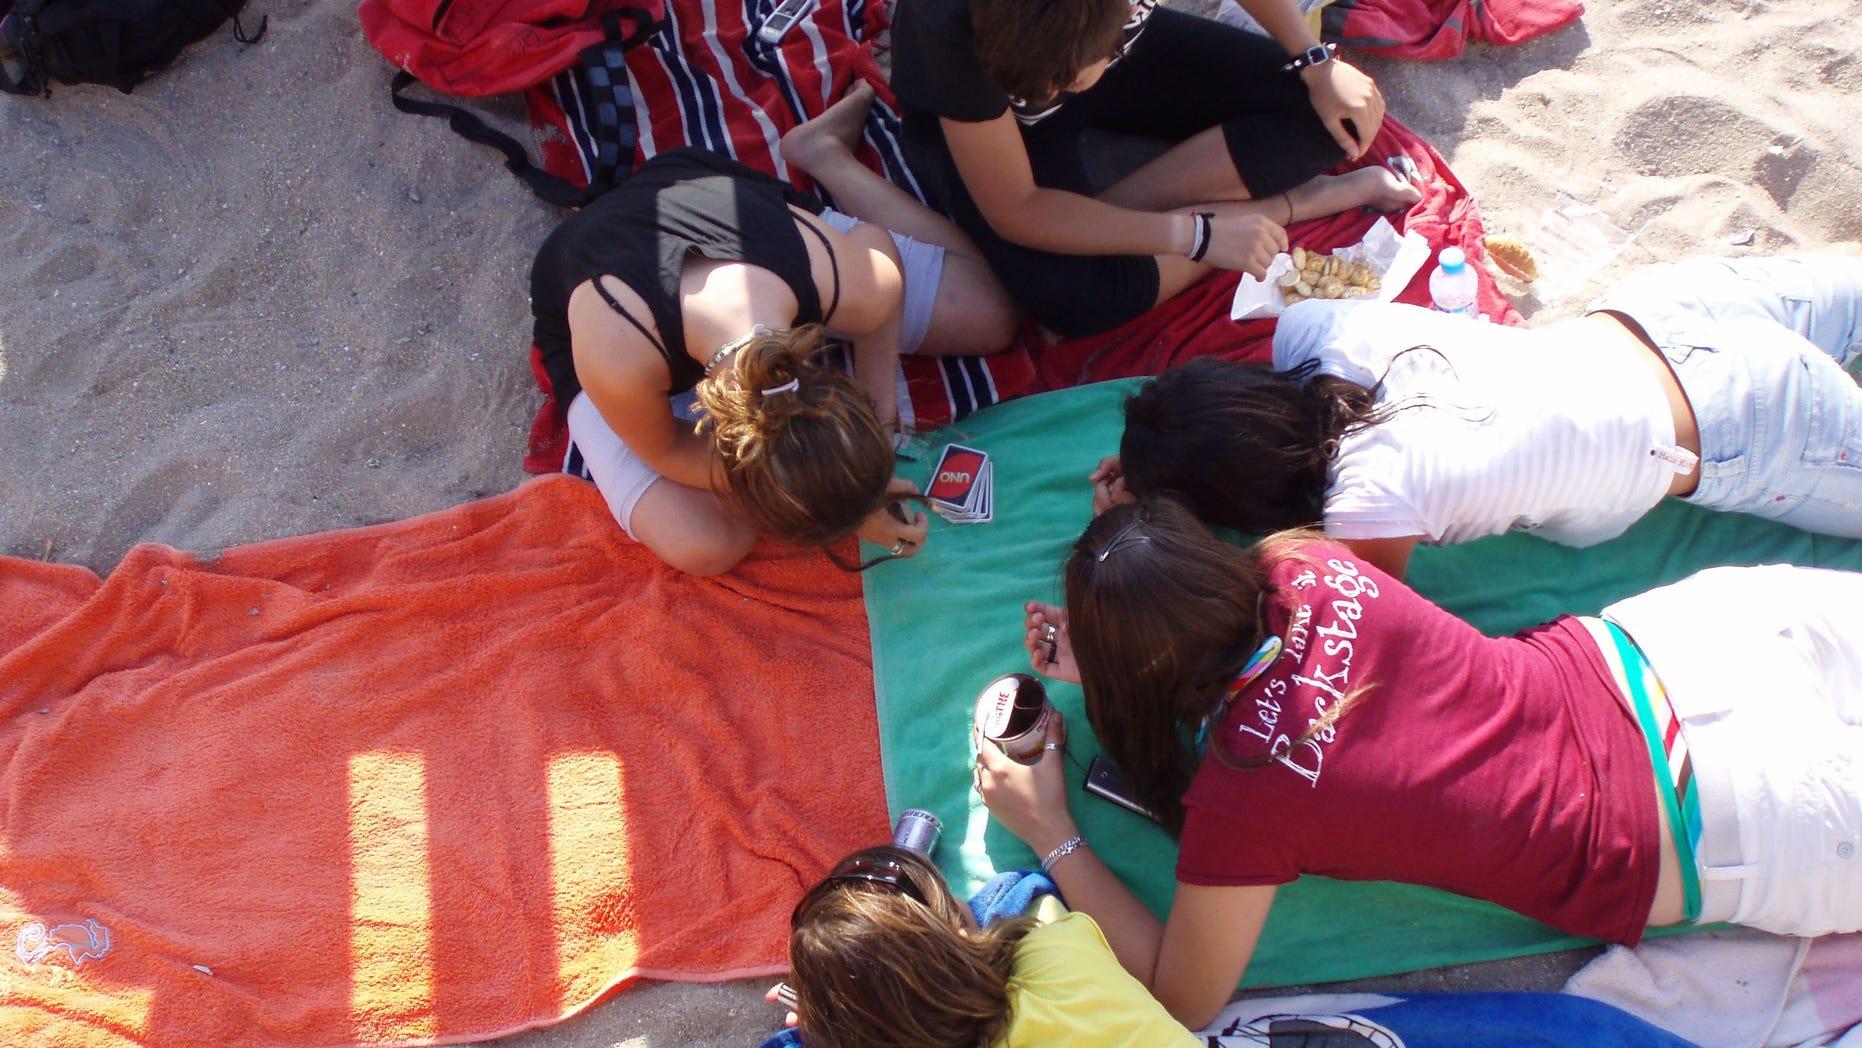 06.07.2007.La Escala.Costa Brava.España.Chicas adolescentes jugando en la playa.©Quim Llenas/COVER